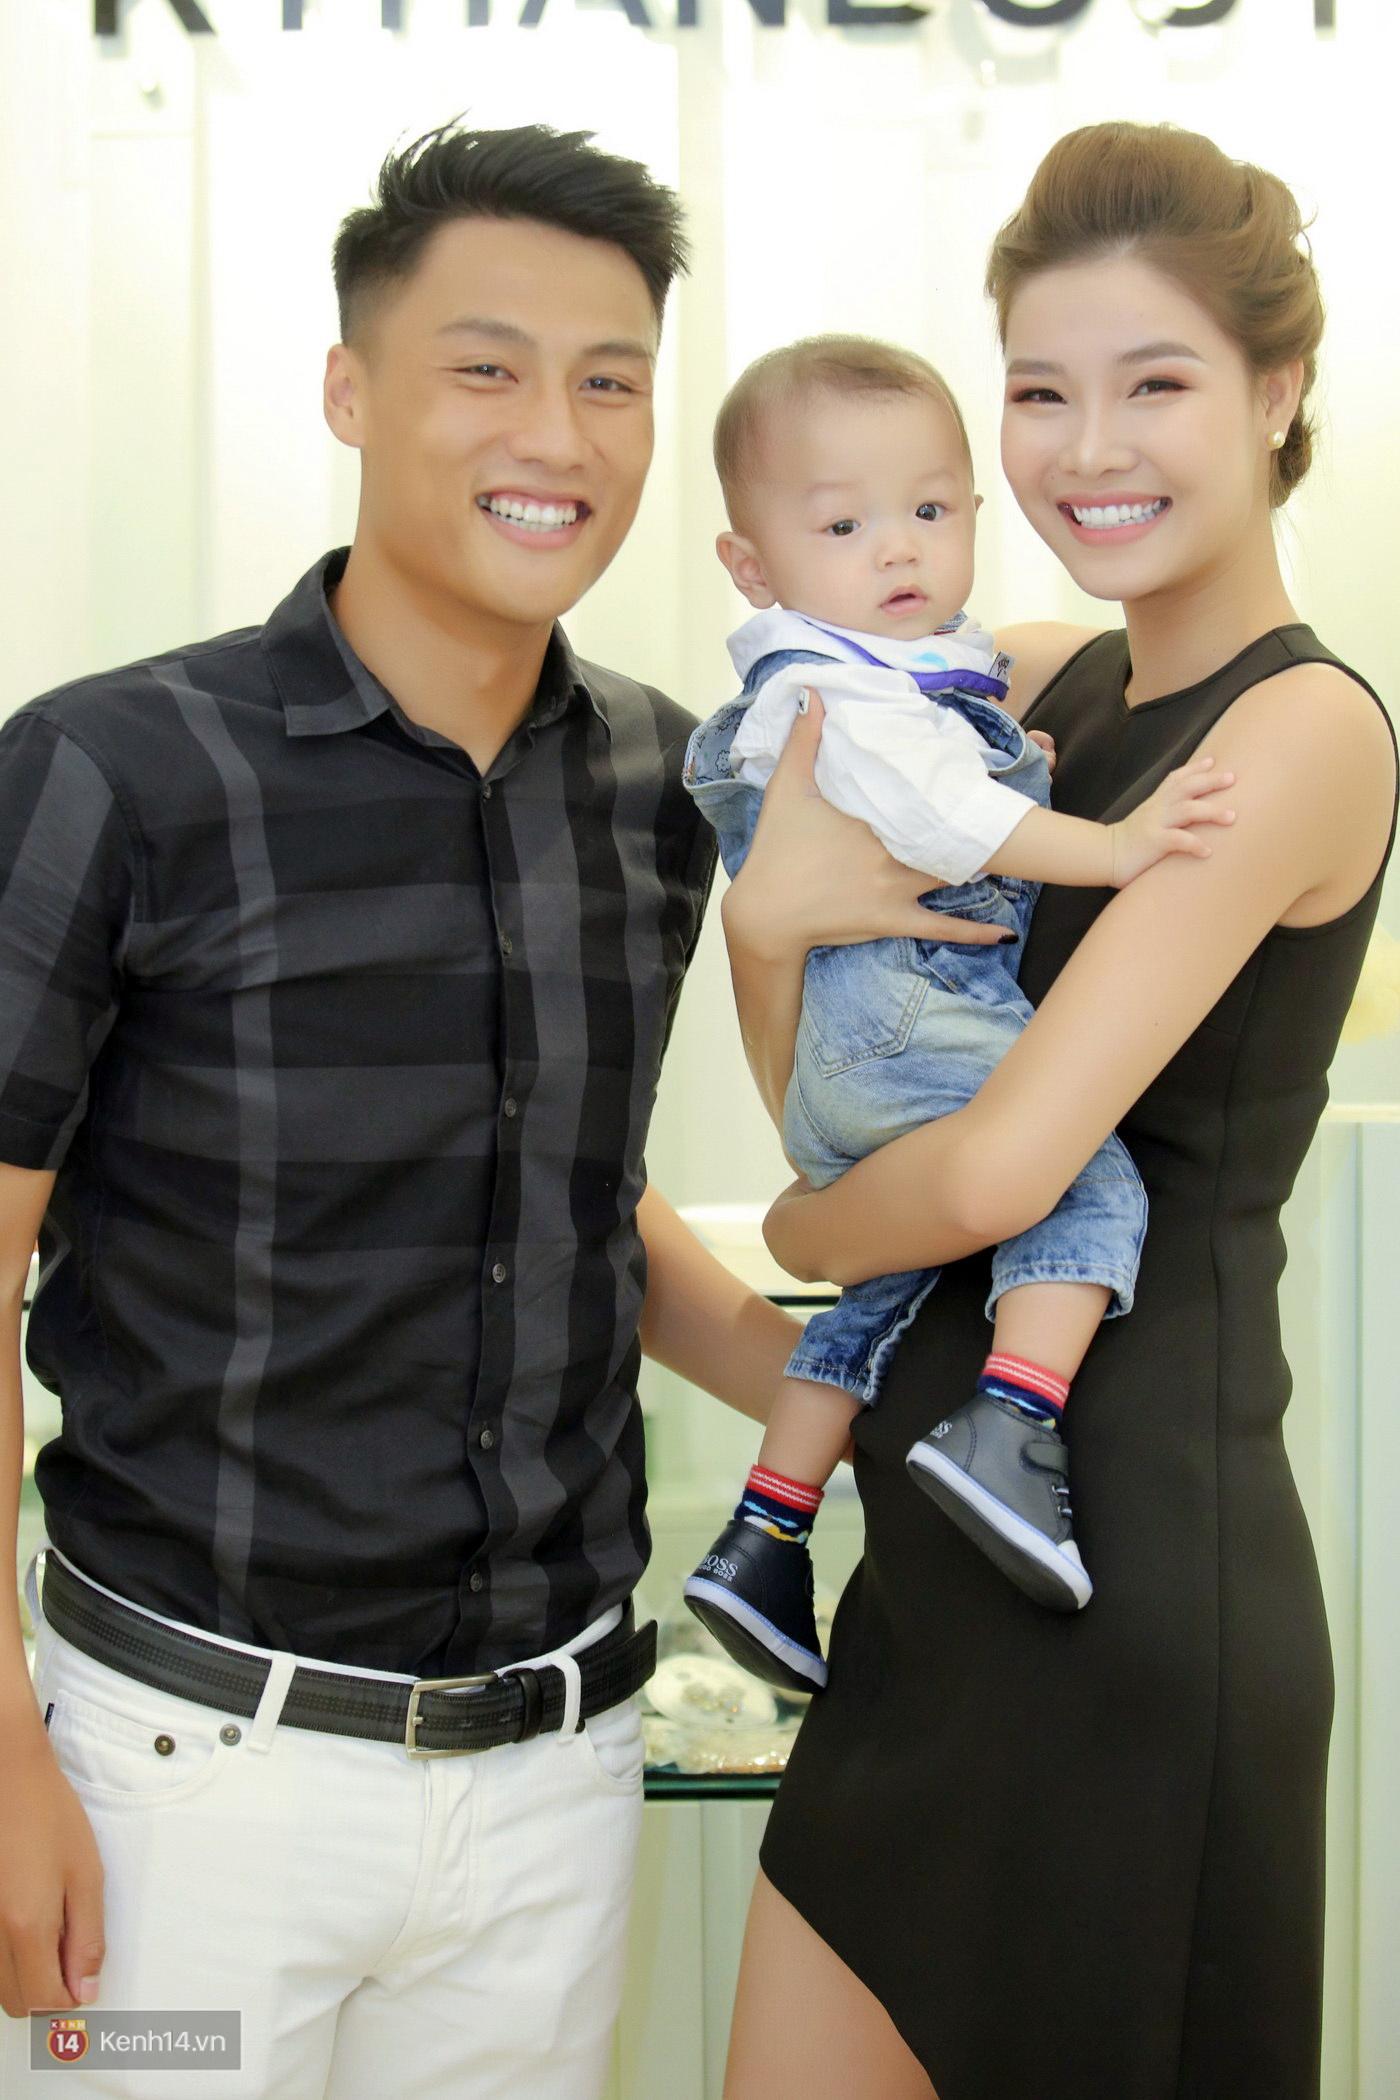 Ngọc Trinh bay ra Hà Nội chúc mừng gia đình Kỳ Hân - Mạc Hồng Quân - Ảnh 2.